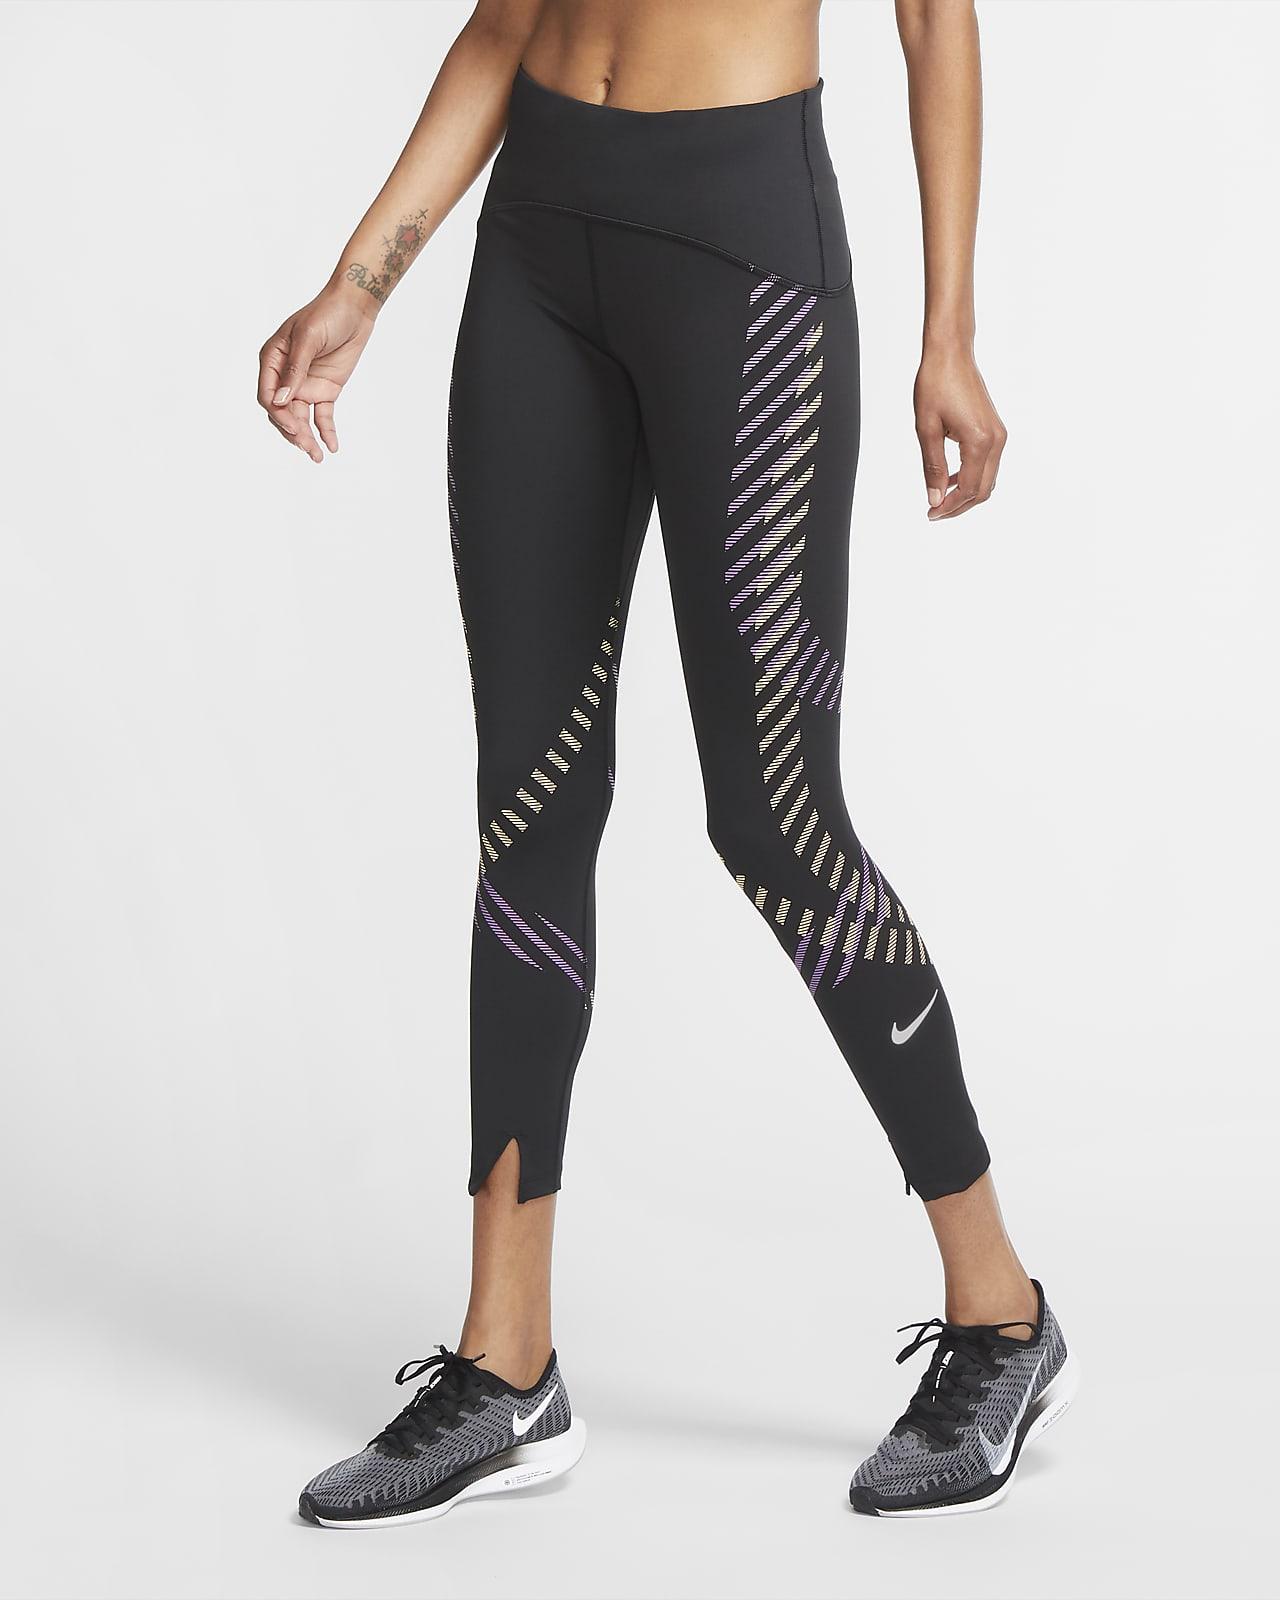 Nike Speed 7/8-Lauf-Tights mit halbhohem Bund für Damen